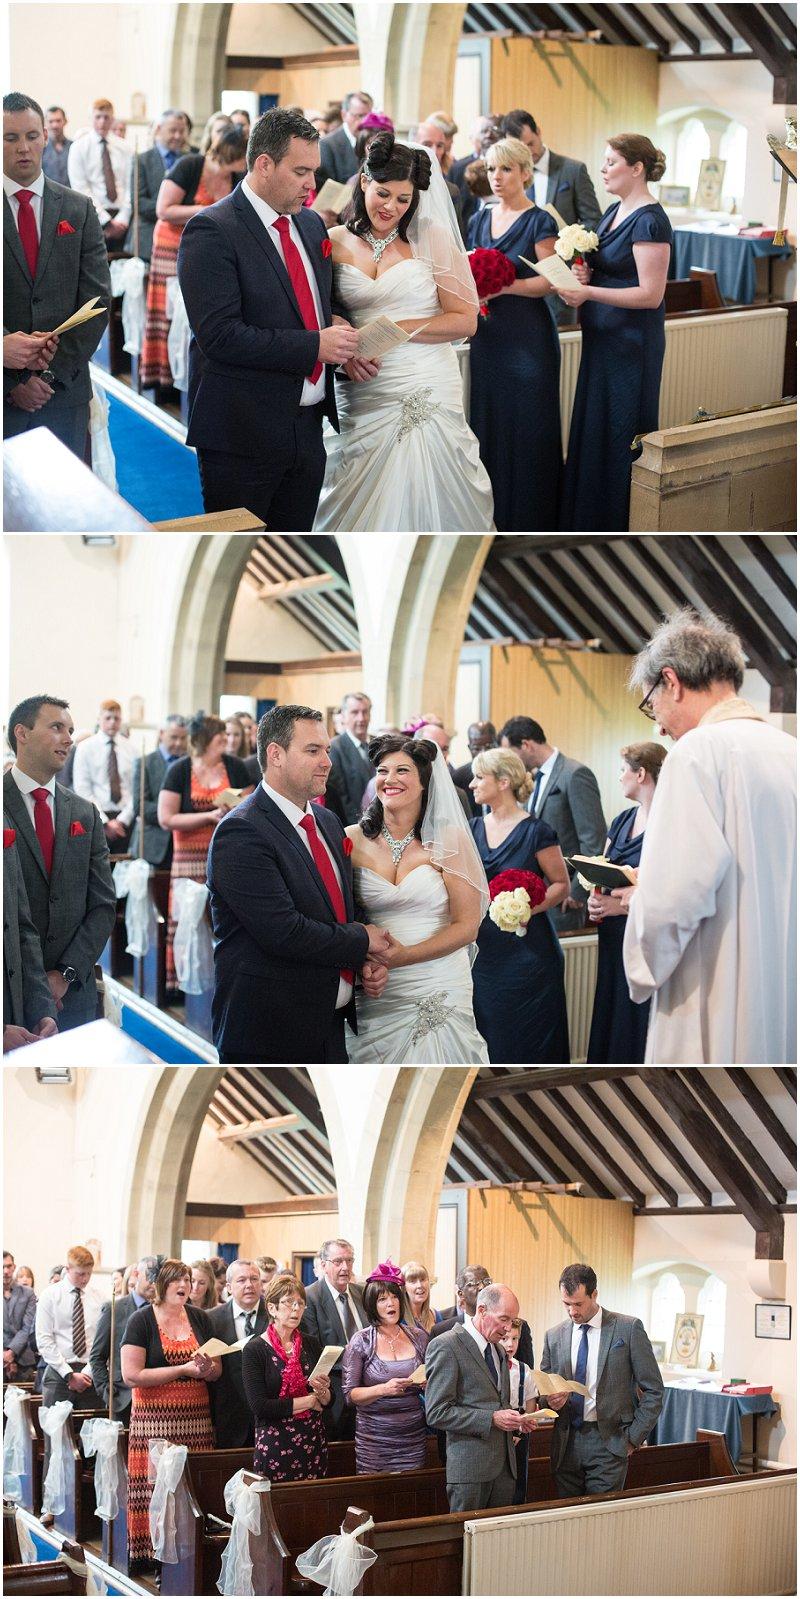 Beautiful wedding ceremony Cheshire